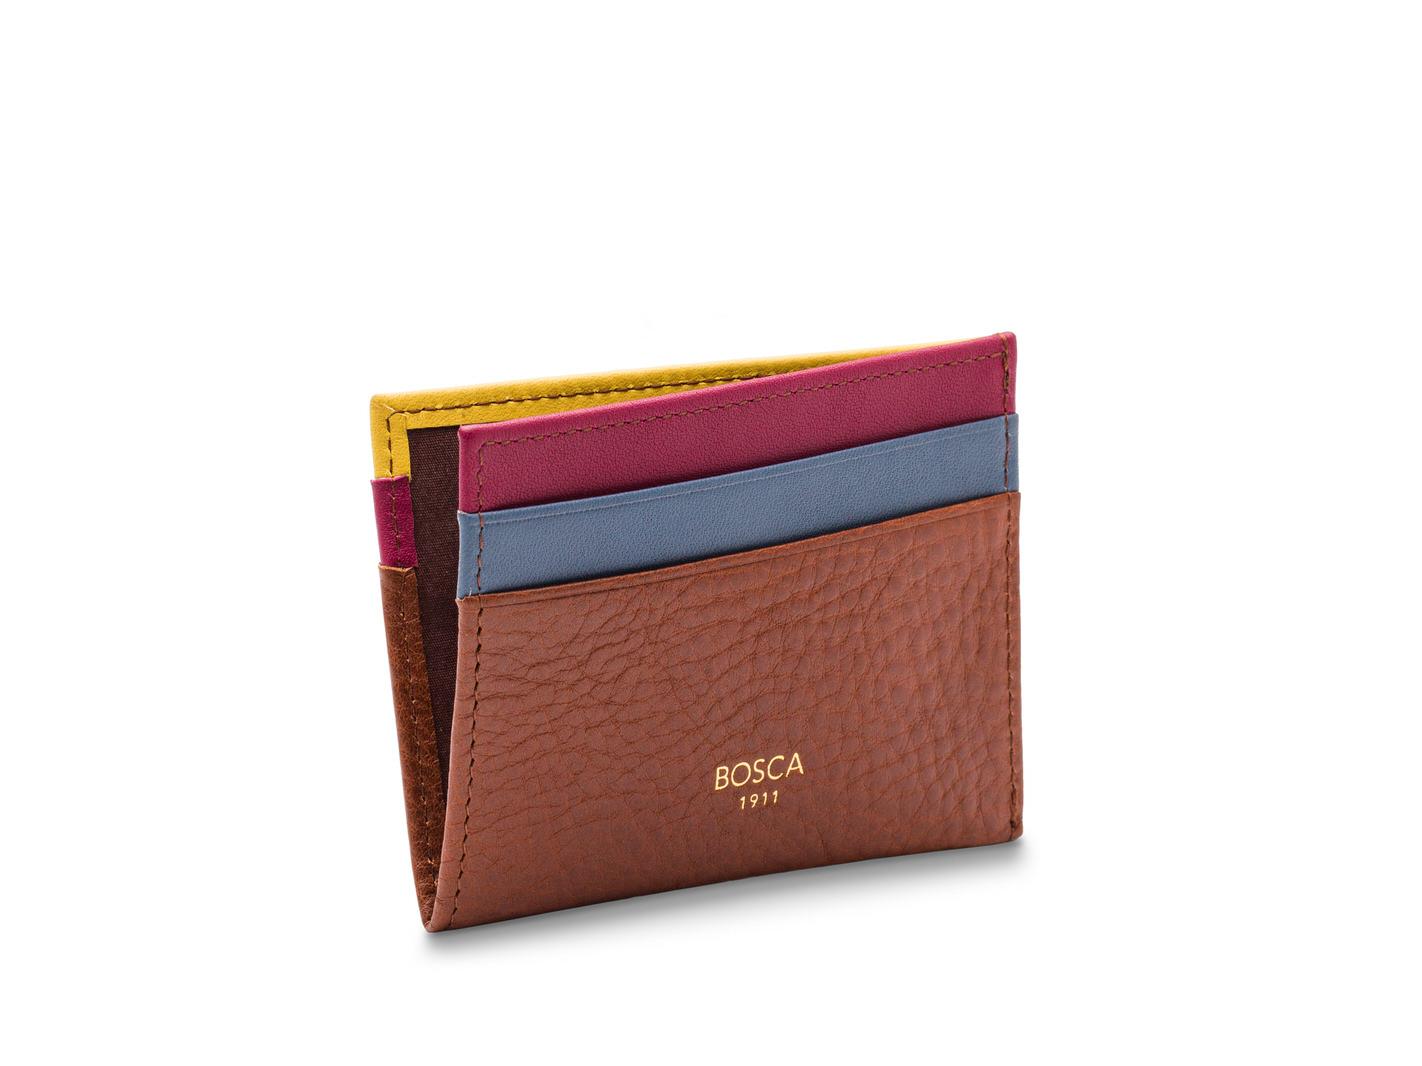 Weekend Wallet-278 Chestnut w/Blue, Raspberry, Yellow - 278 Chestnut w/Blue, Raspberry, Yellow